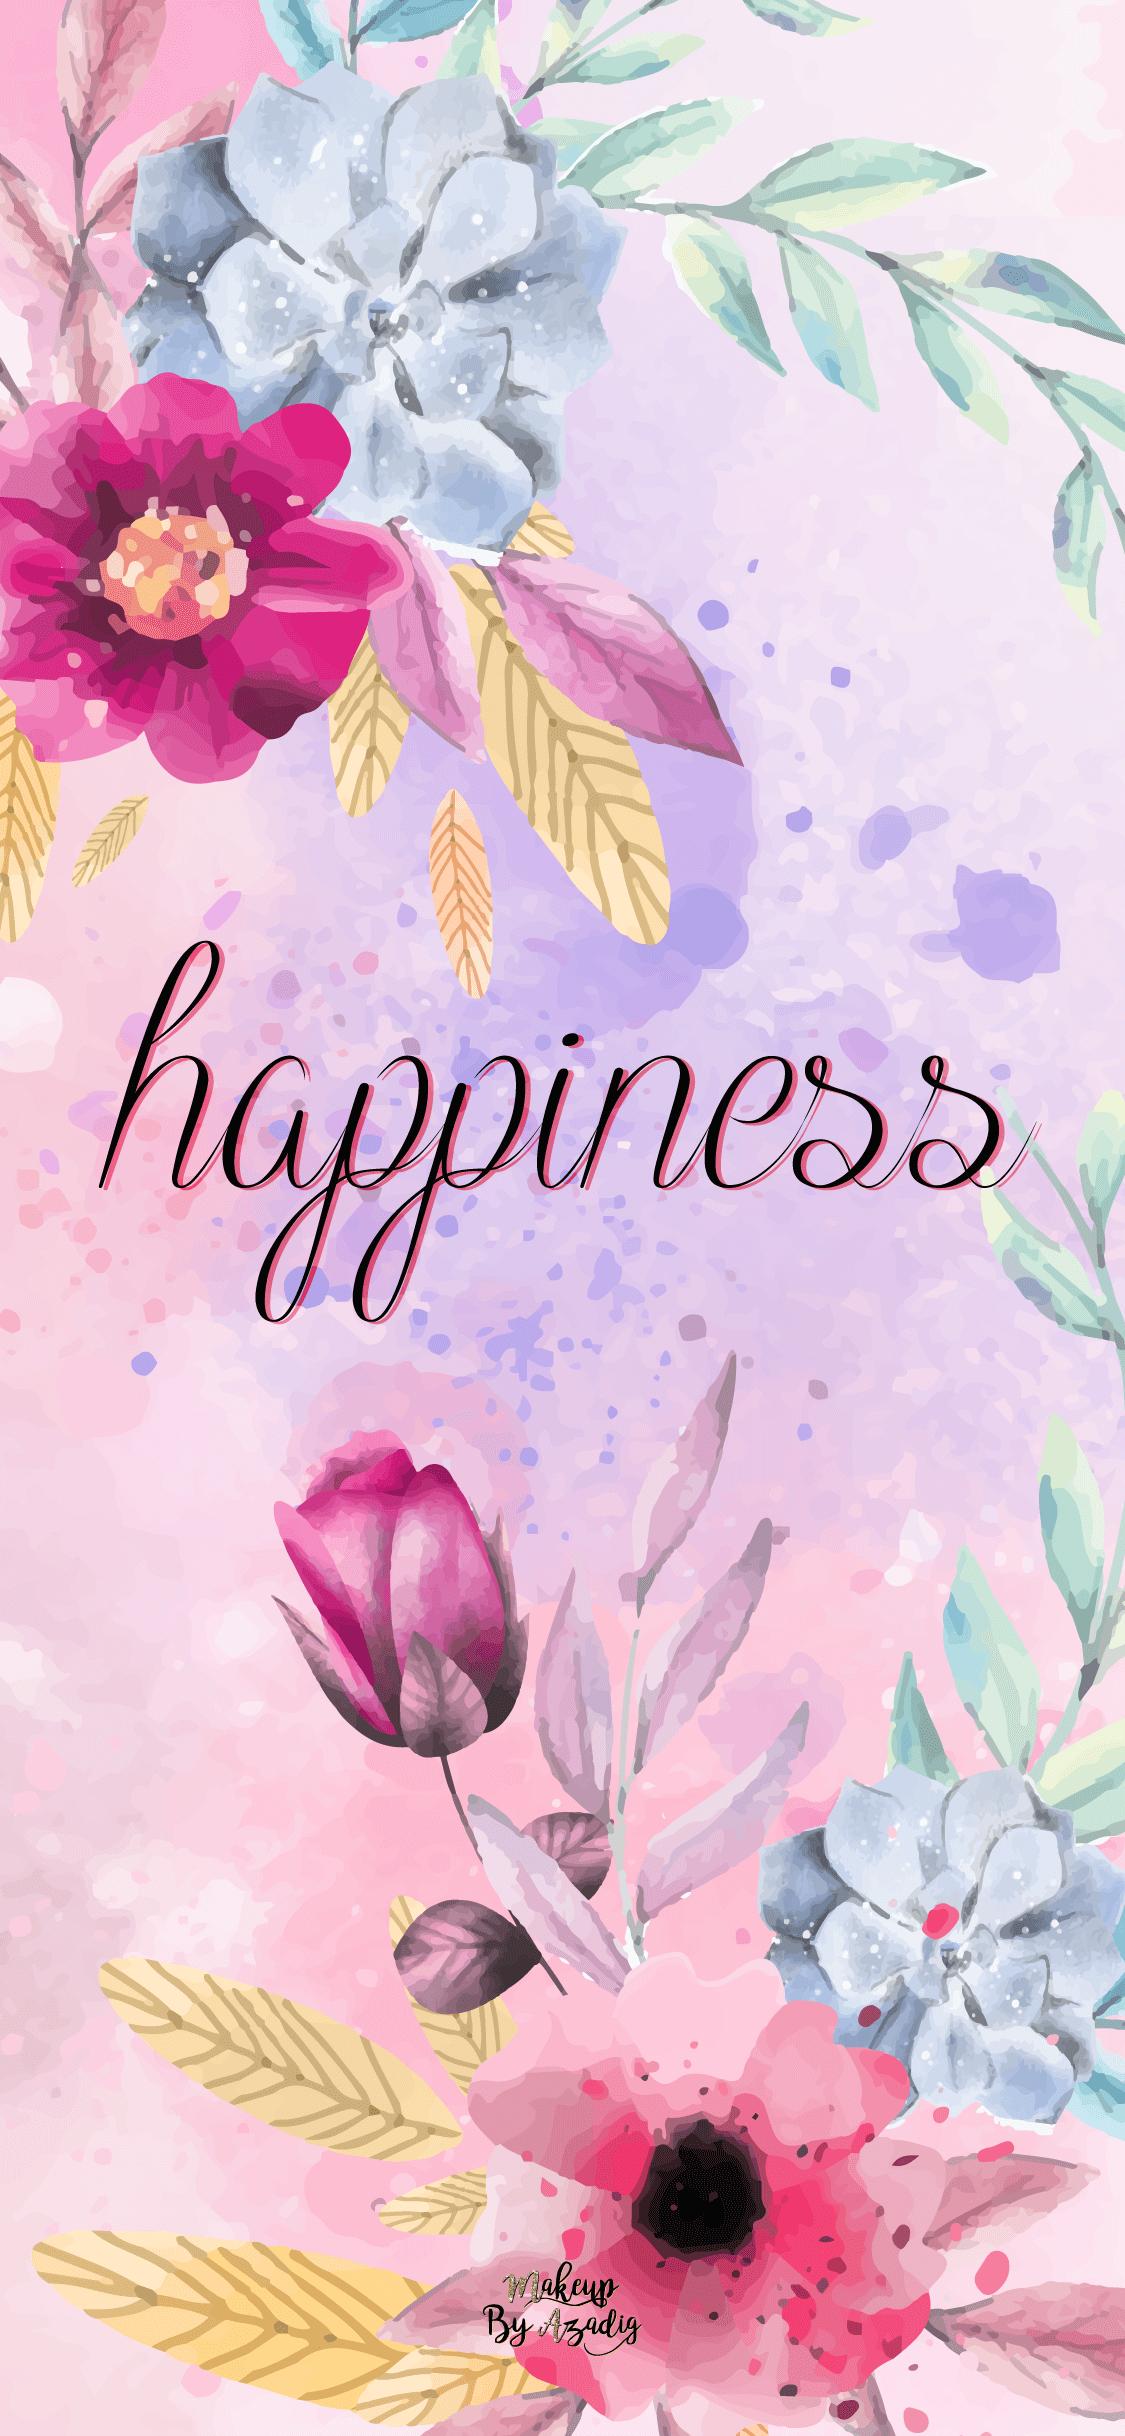 5 Fond D Ecran Happiness Flowers Wallpaper Makeupbyazadig